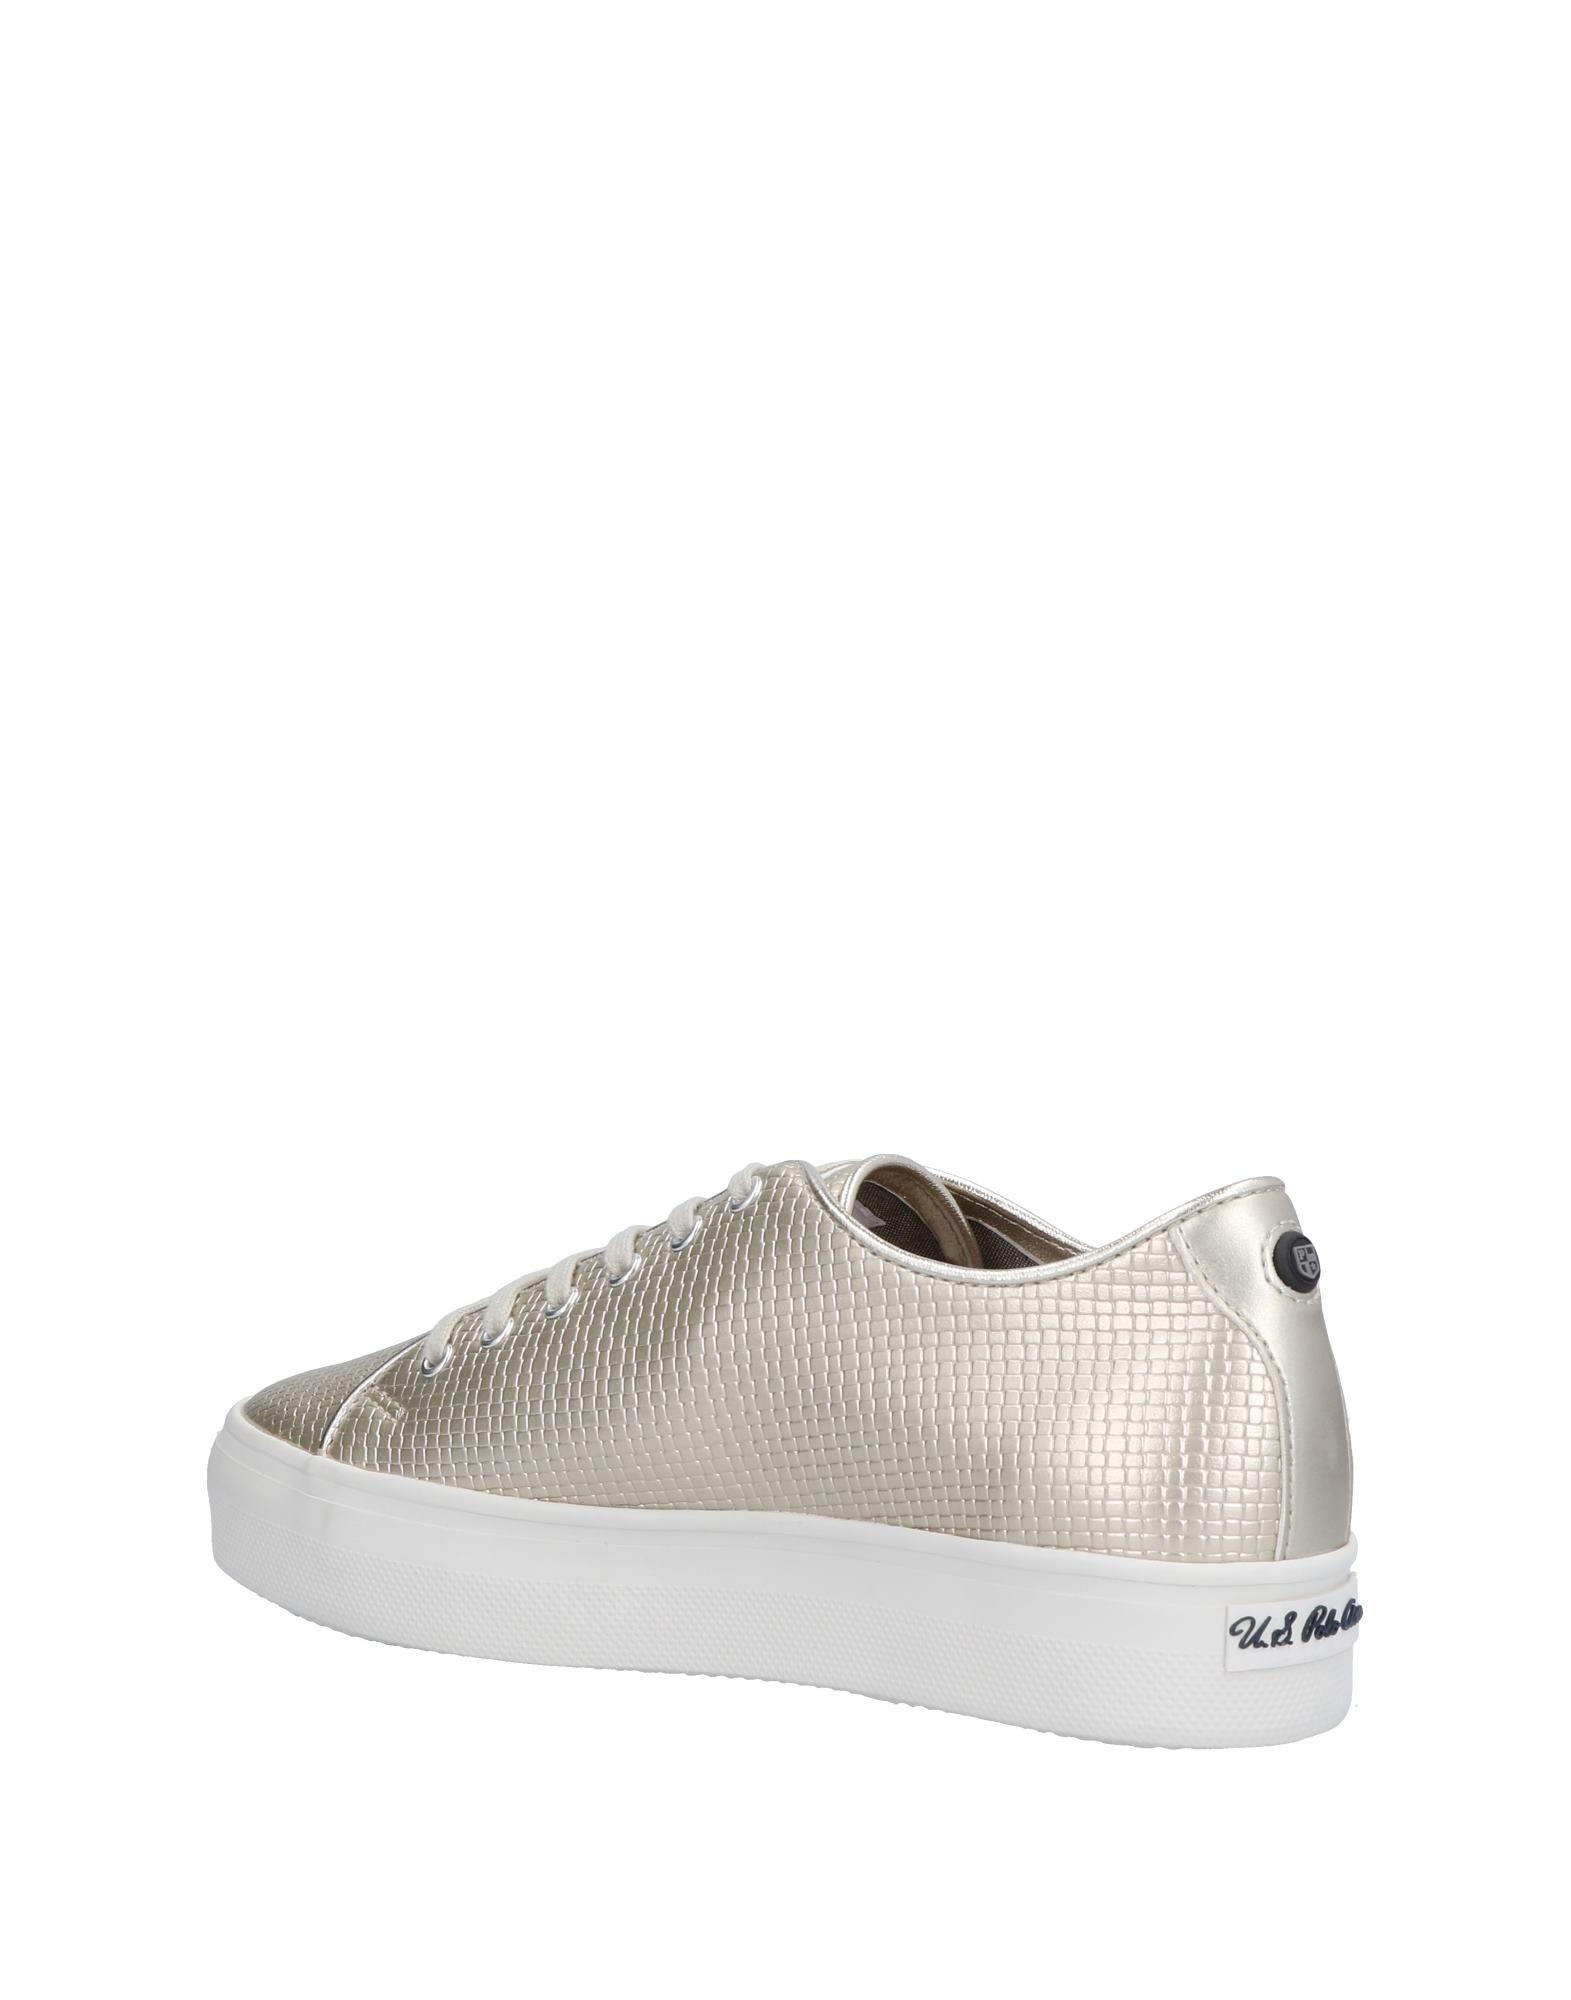 U.S.Polo Assn. Sneakers Damen  11491867OG Gute Qualität beliebte Schuhe